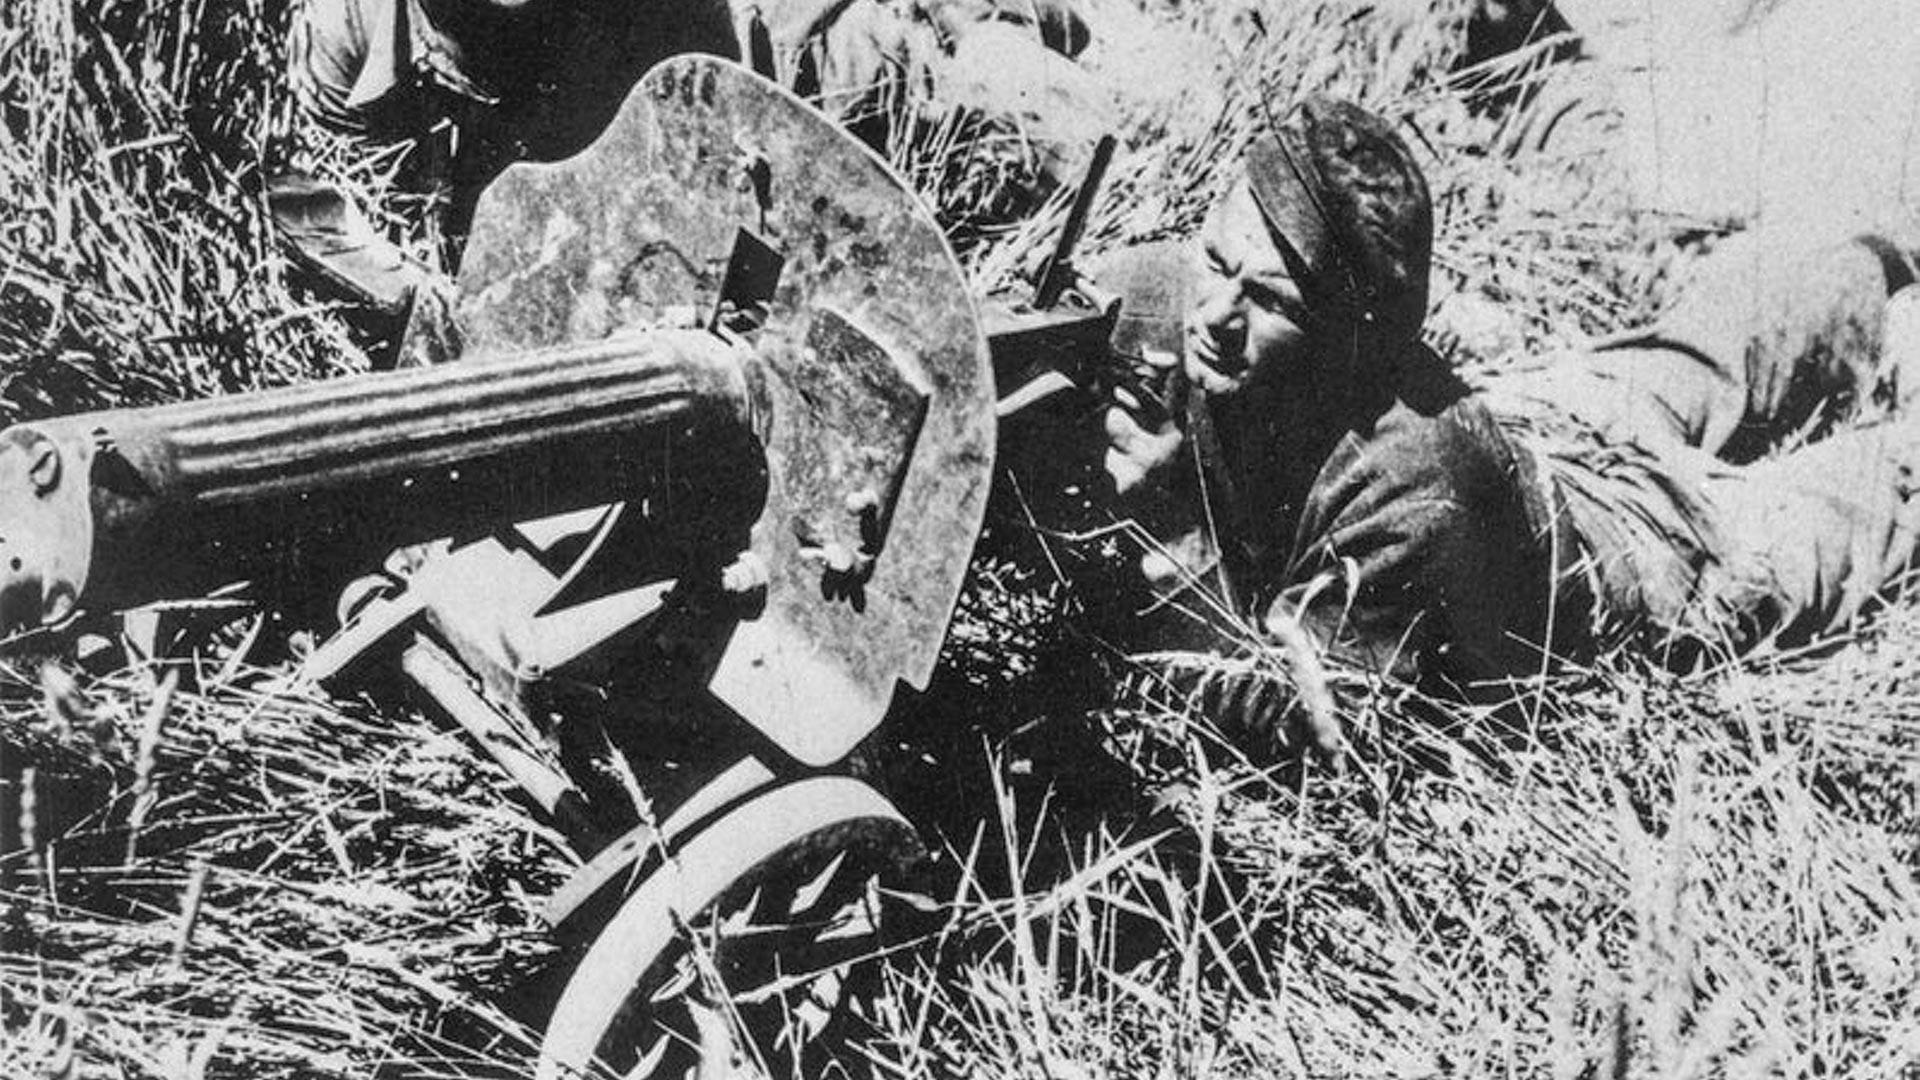 Soldat de la brigade internationale avec une mitrailleuse soviétique, pendant la guerre civile espagnole